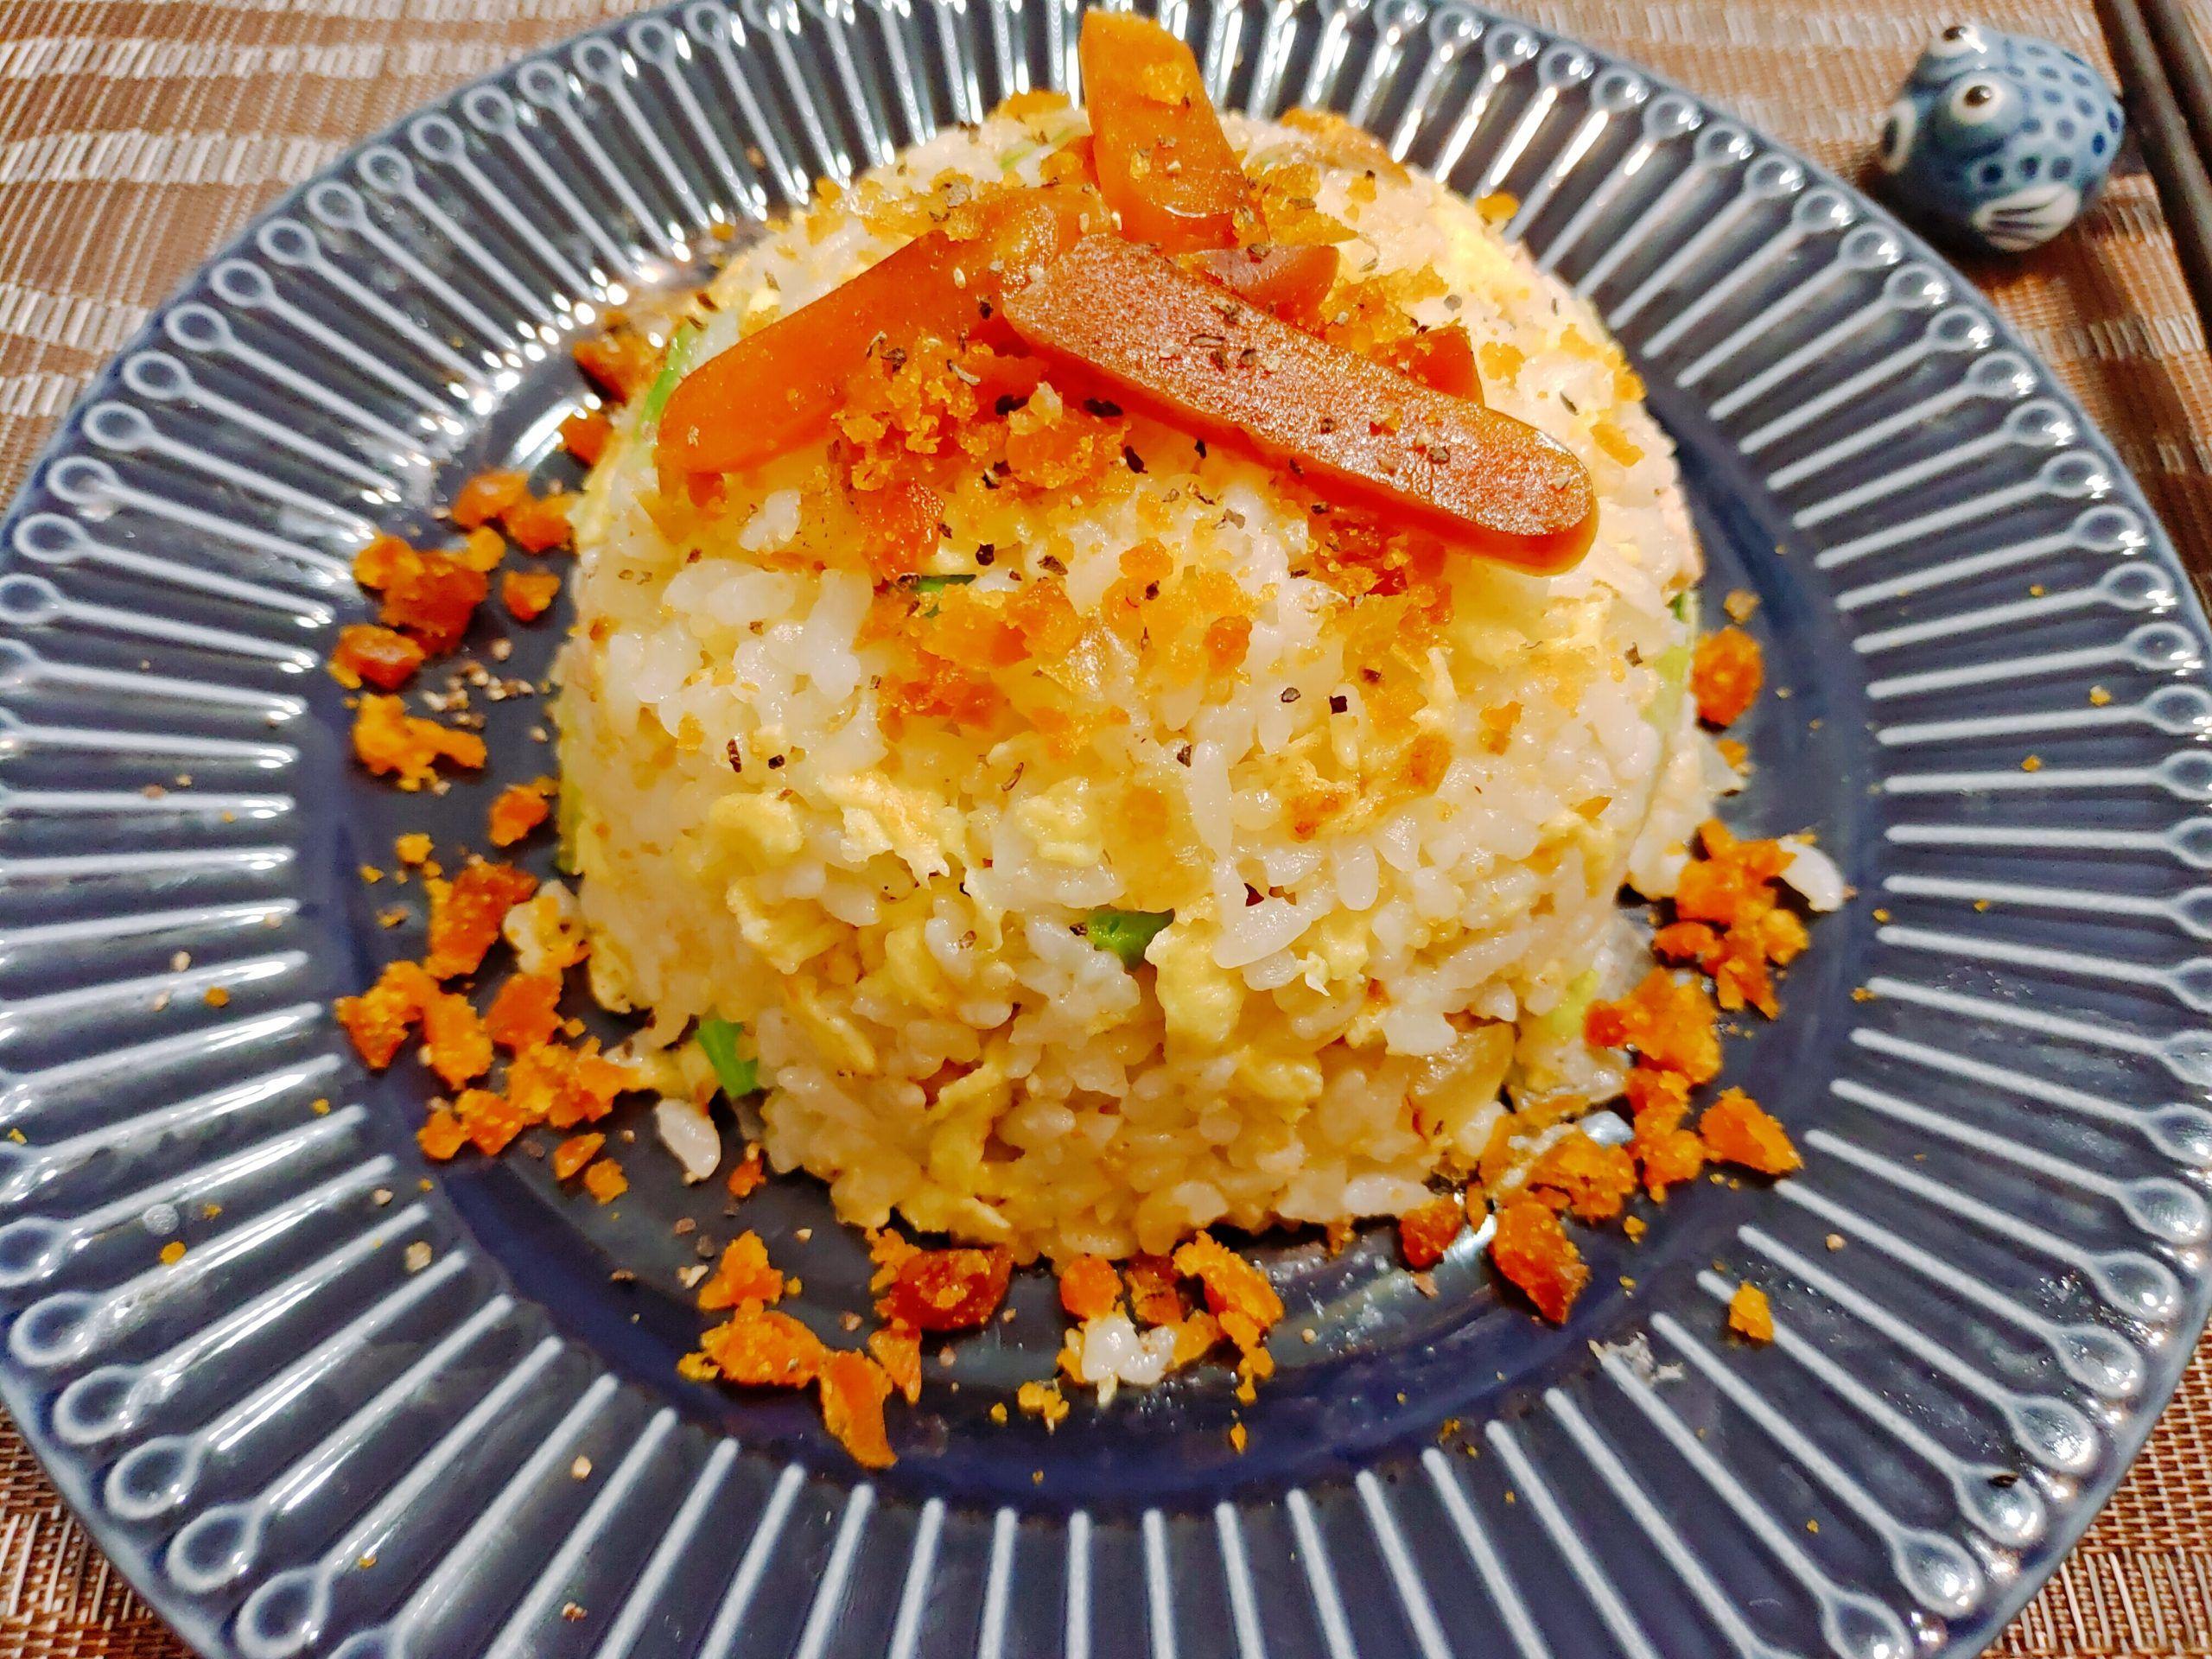 【食譜】烏魚親子炒飯|烏魚子與烏魚肉的完美融合|簡單零失敗